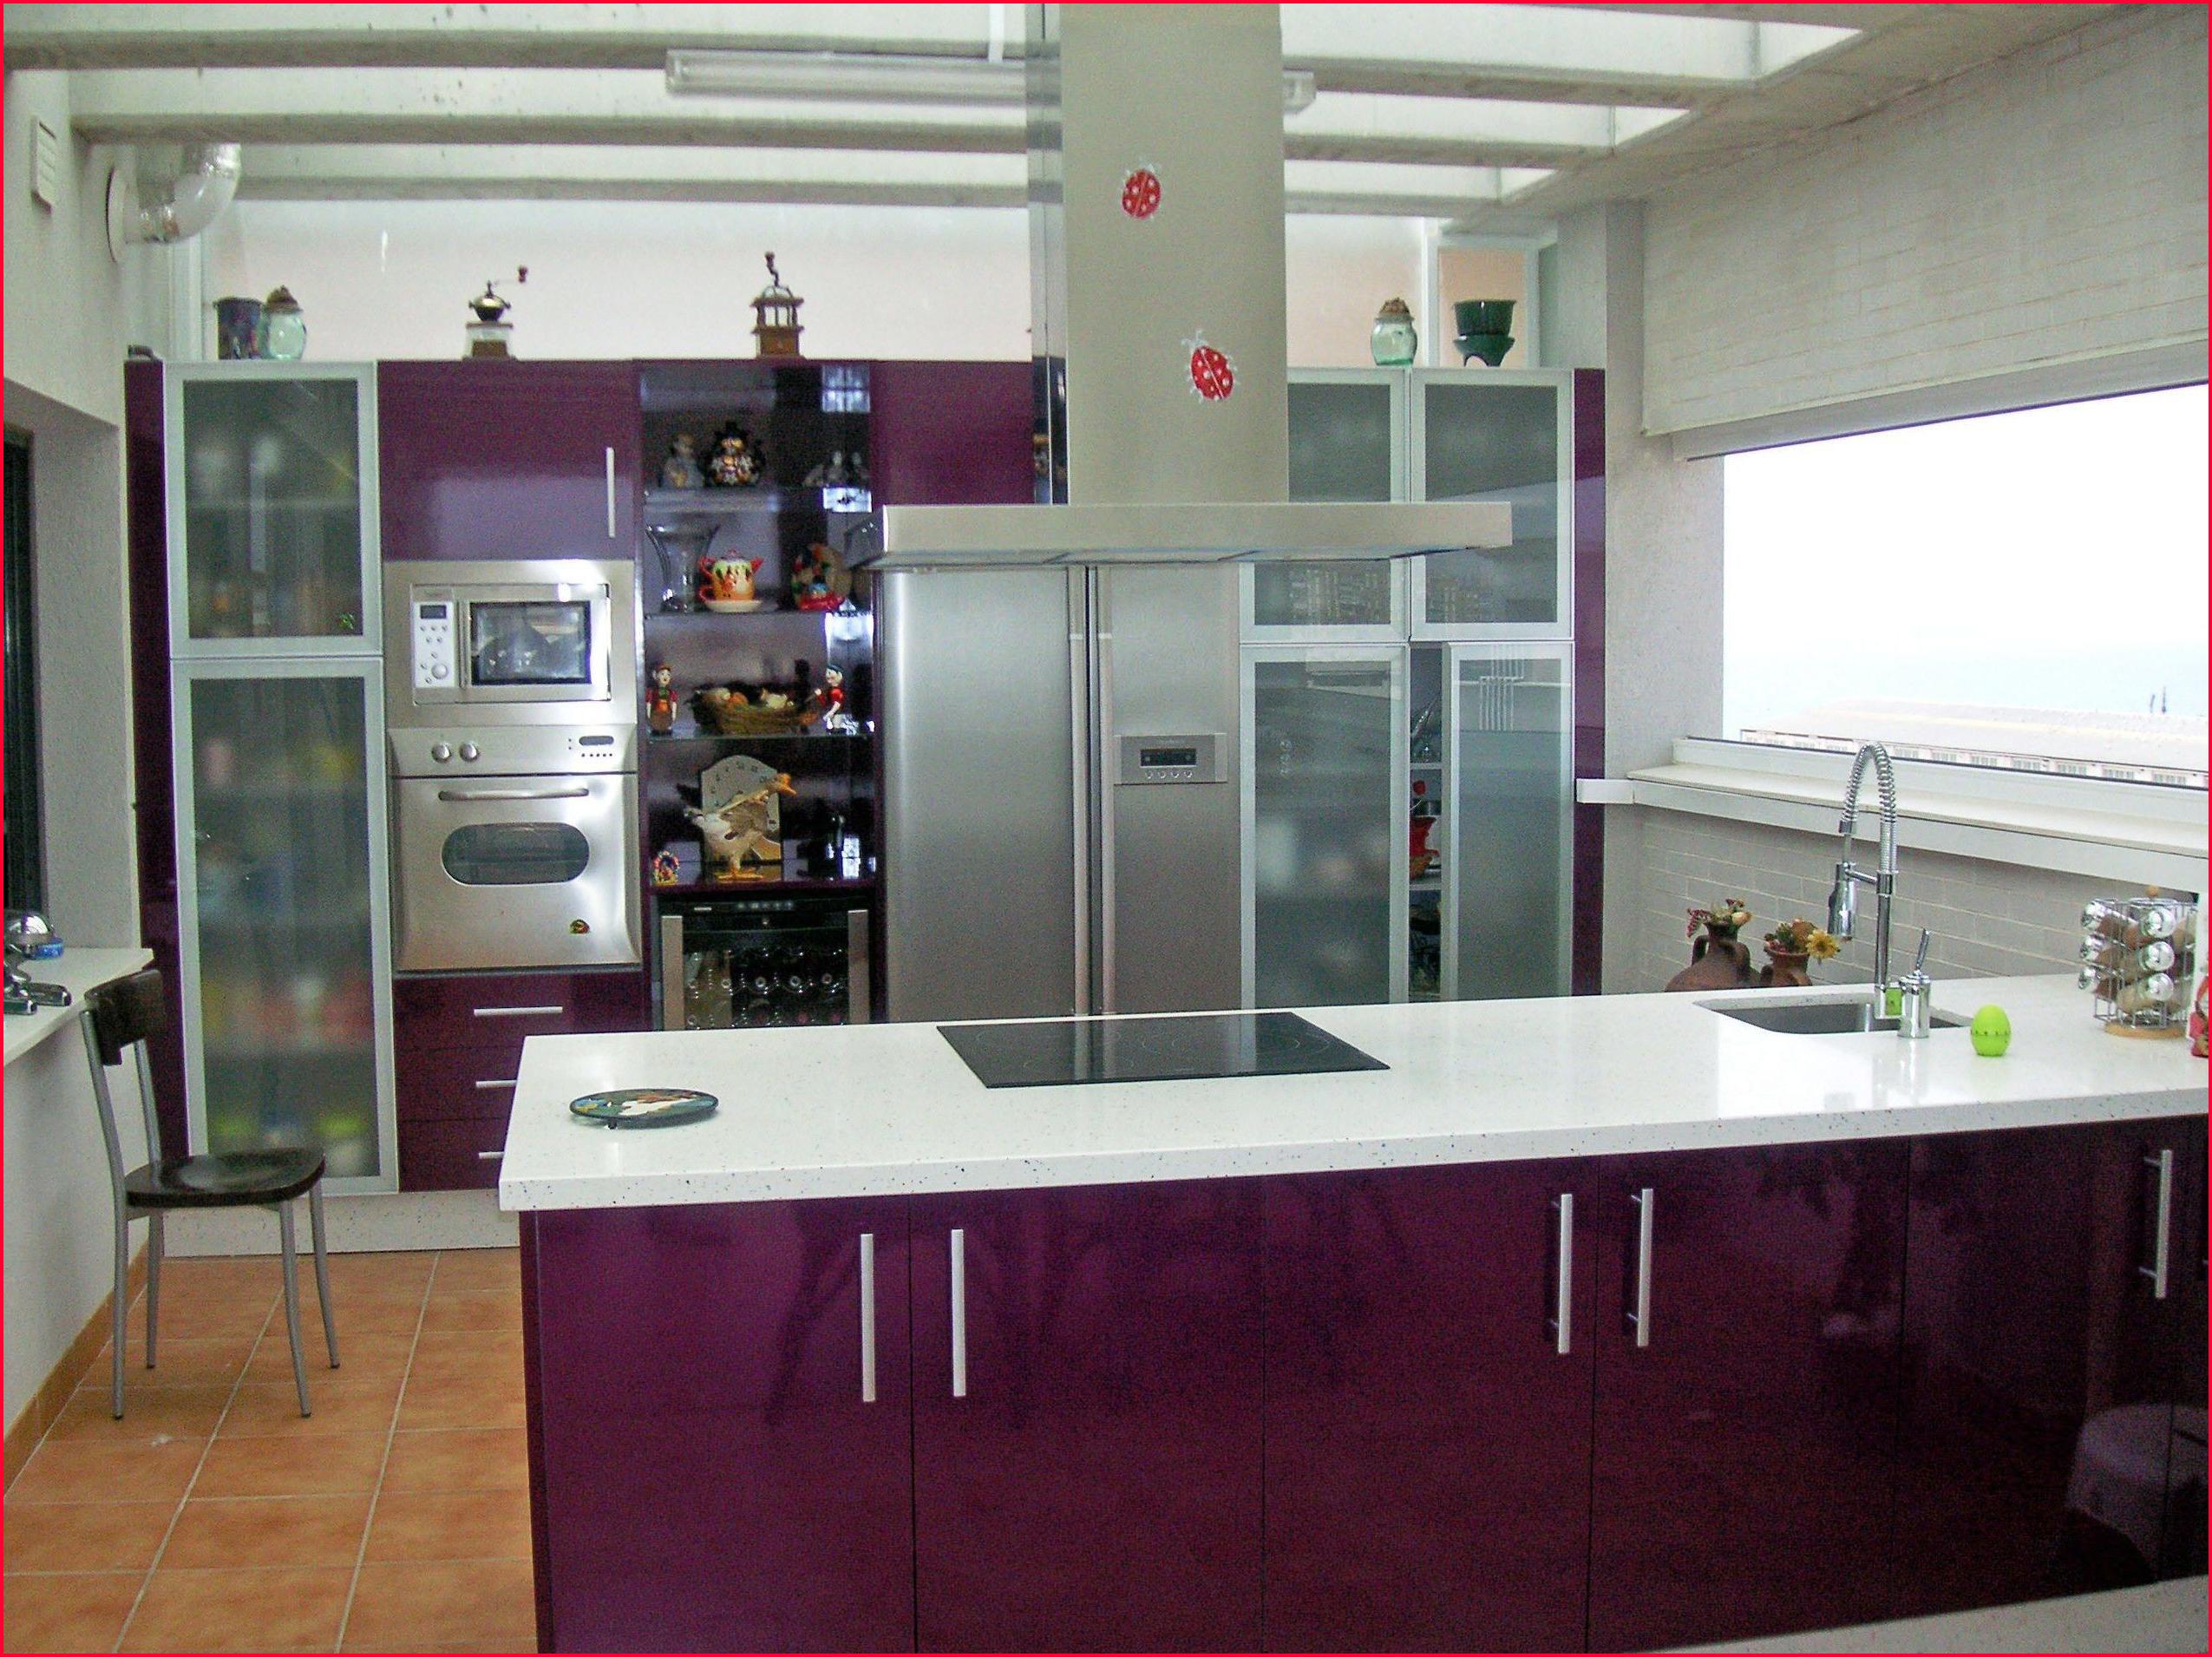 Tiendas De Muebles En Malaga Capital Wddj Tiendas De Muebles En Malaga Capital Muebles De Cocina En